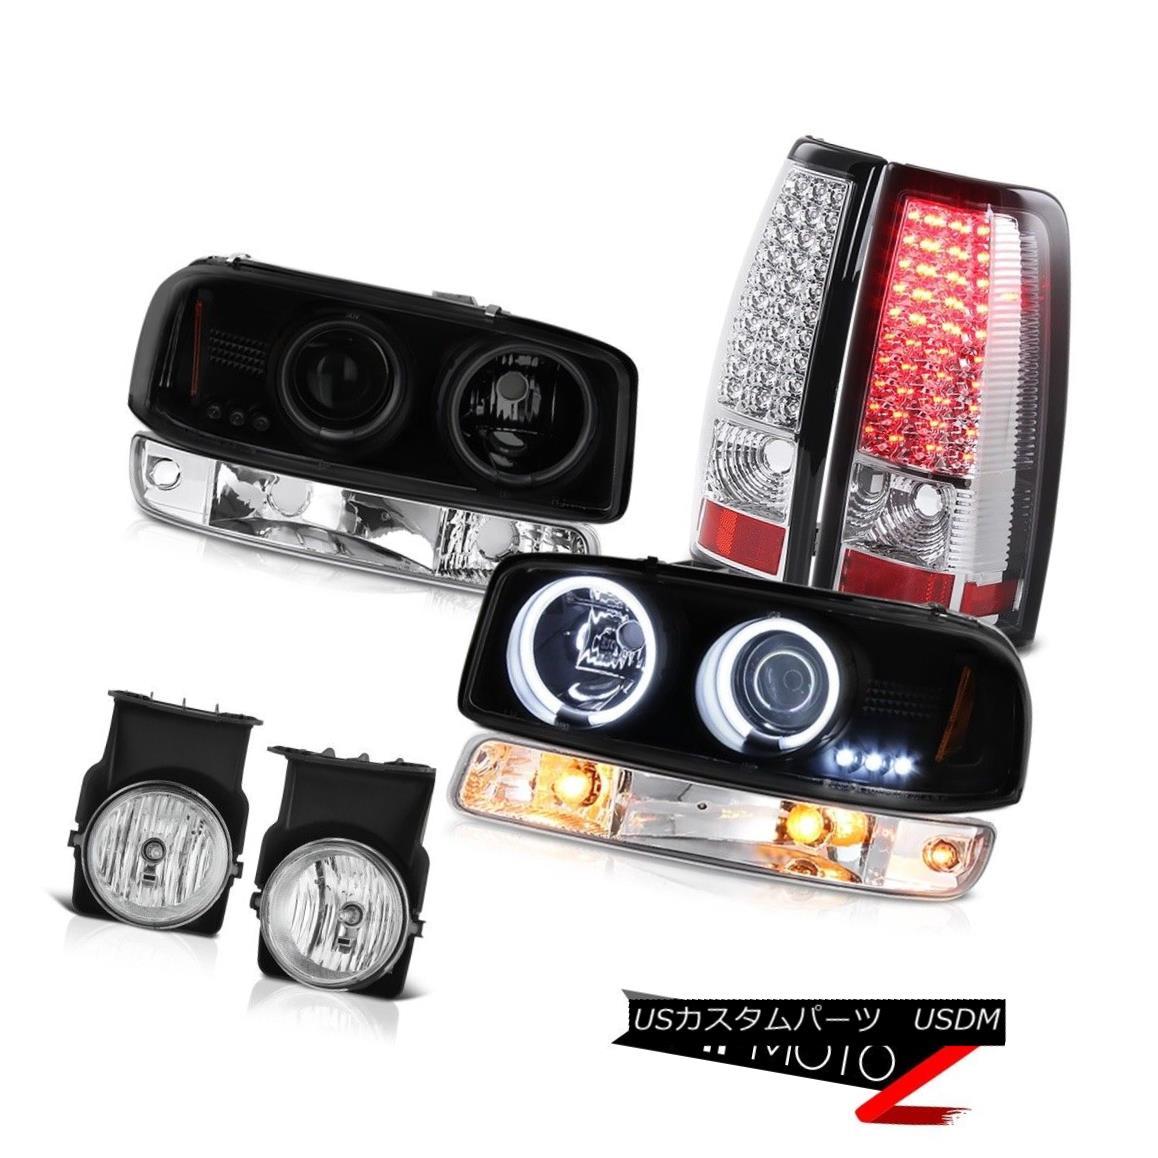 テールライト 03-06 Sierra SLE Fog lights tail brake turn signal projector Headlamps Halo Rim 03-06 Sierra SLE FogライトテールブレーキターンシグナルプロジェクターヘッドランプHalo Rim